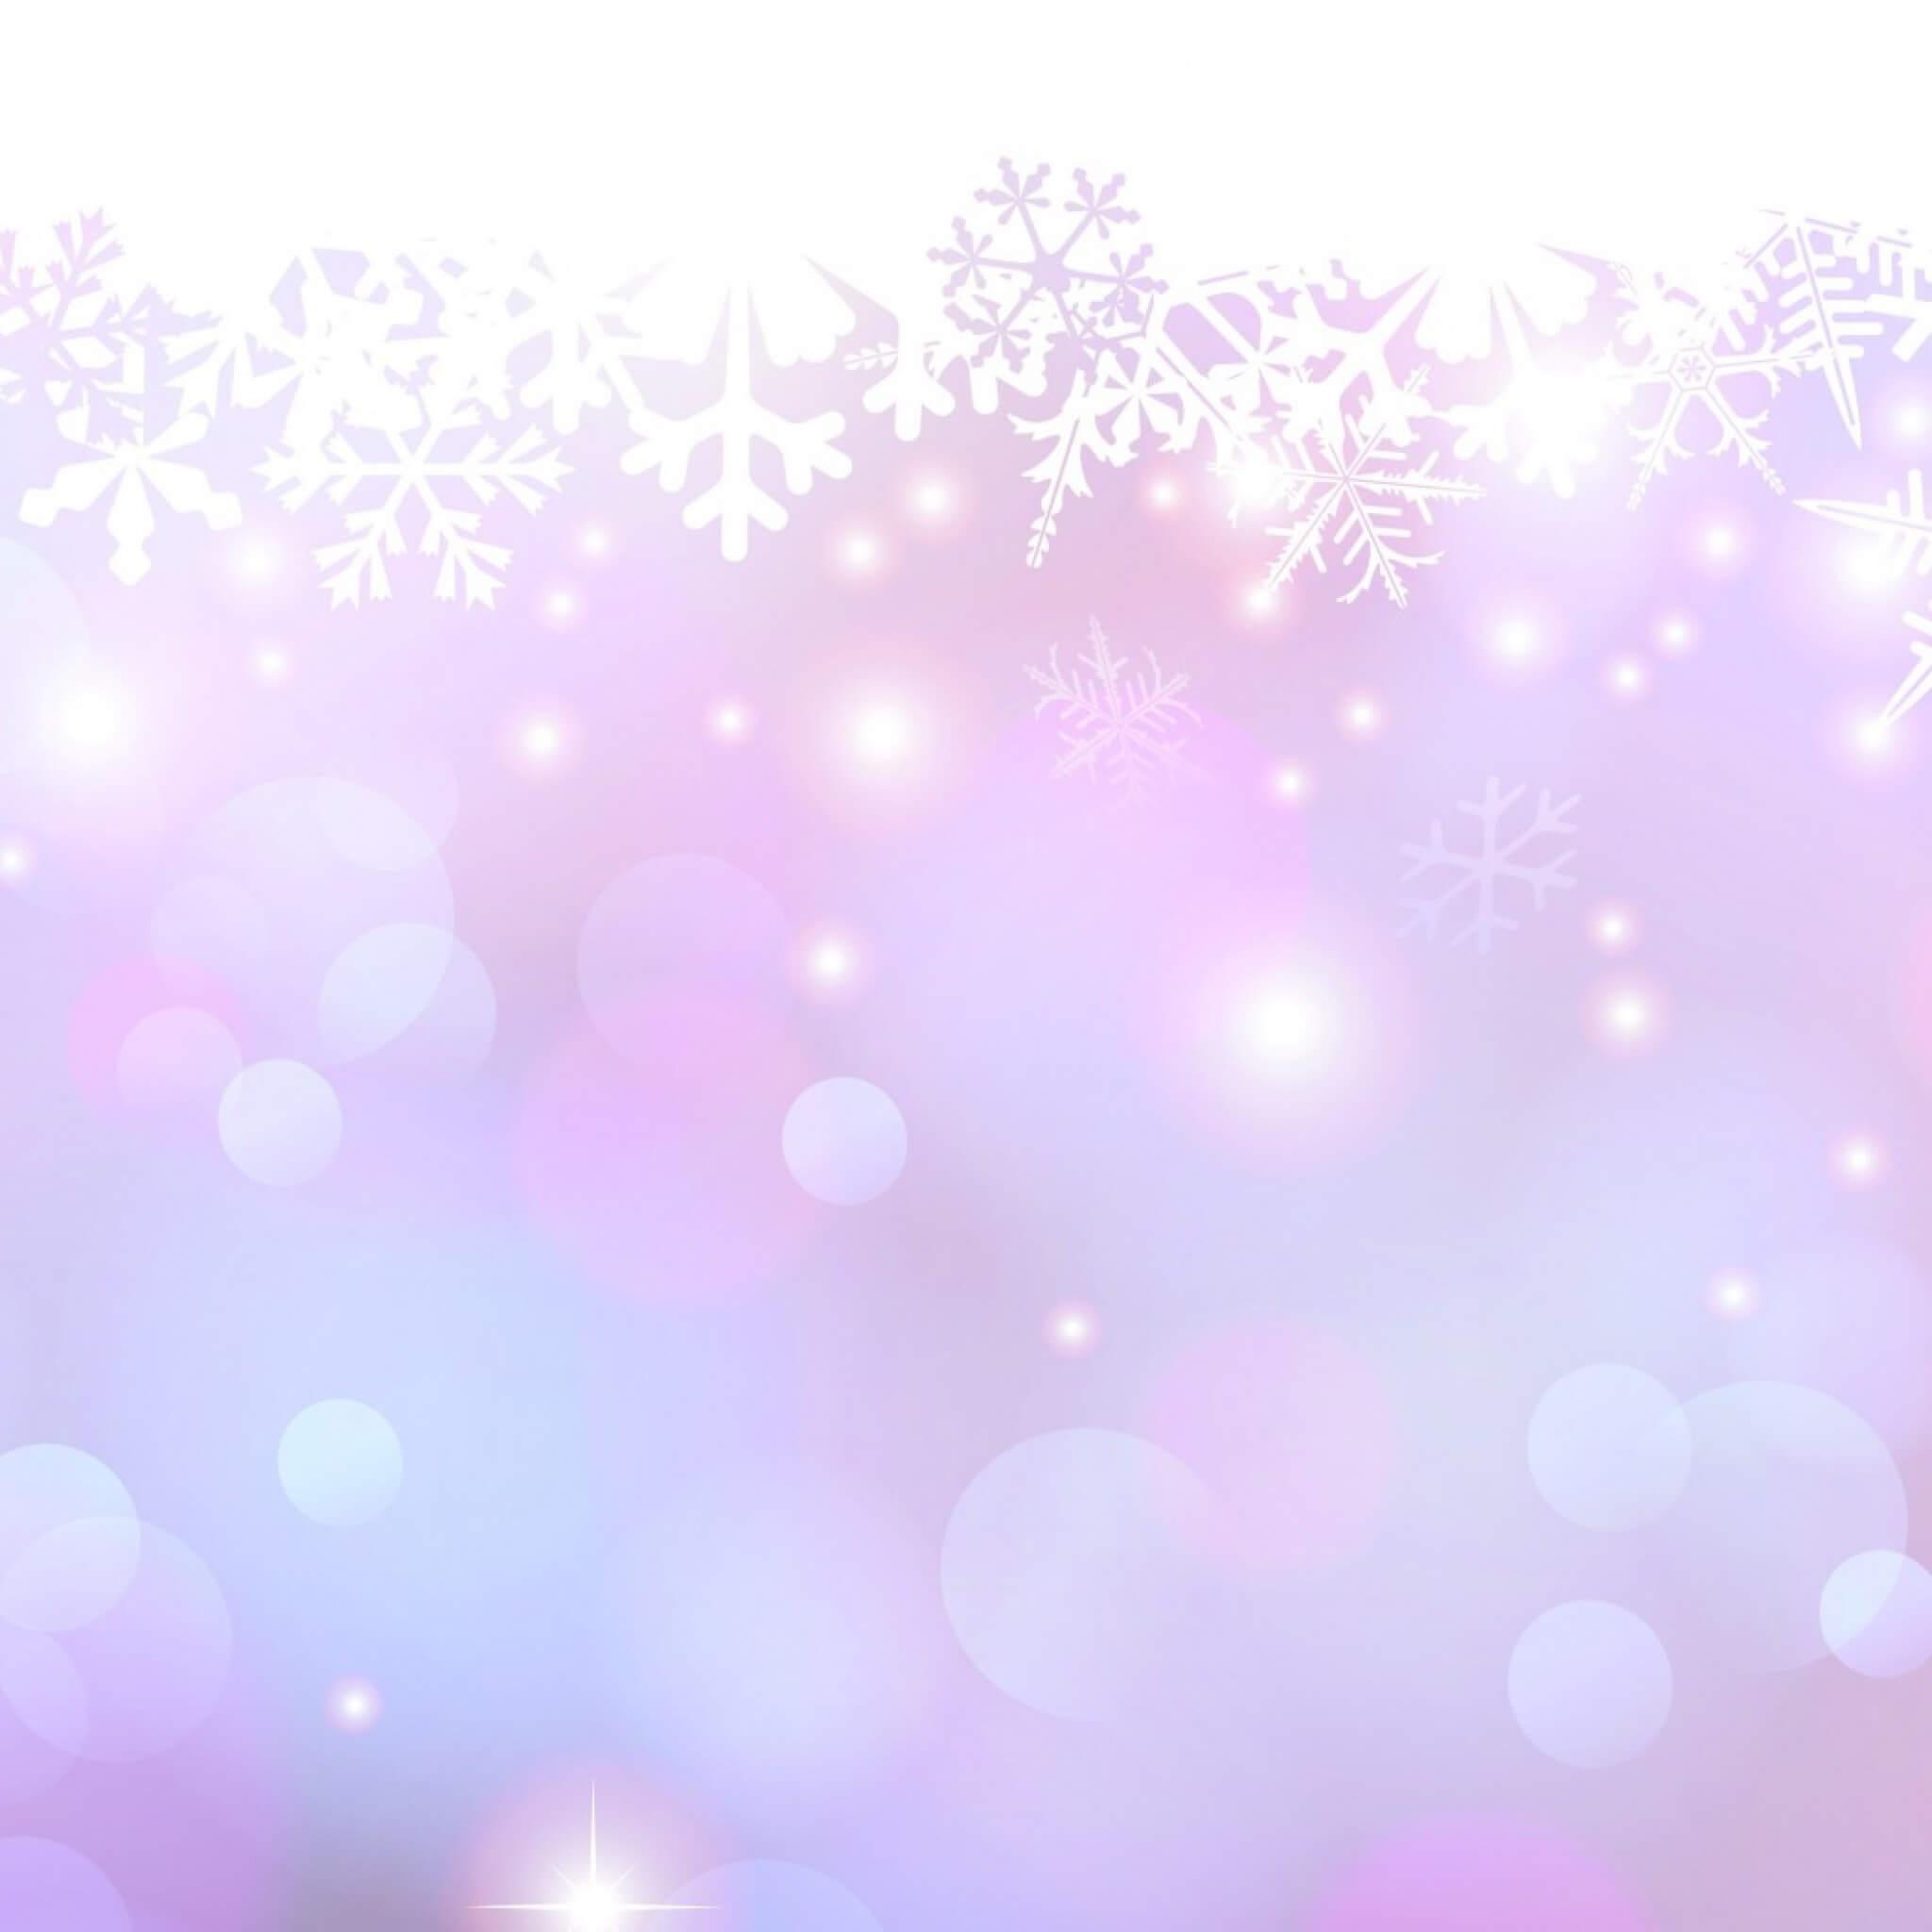 snowflakes_spots_dots_glow_76072_2048x2048